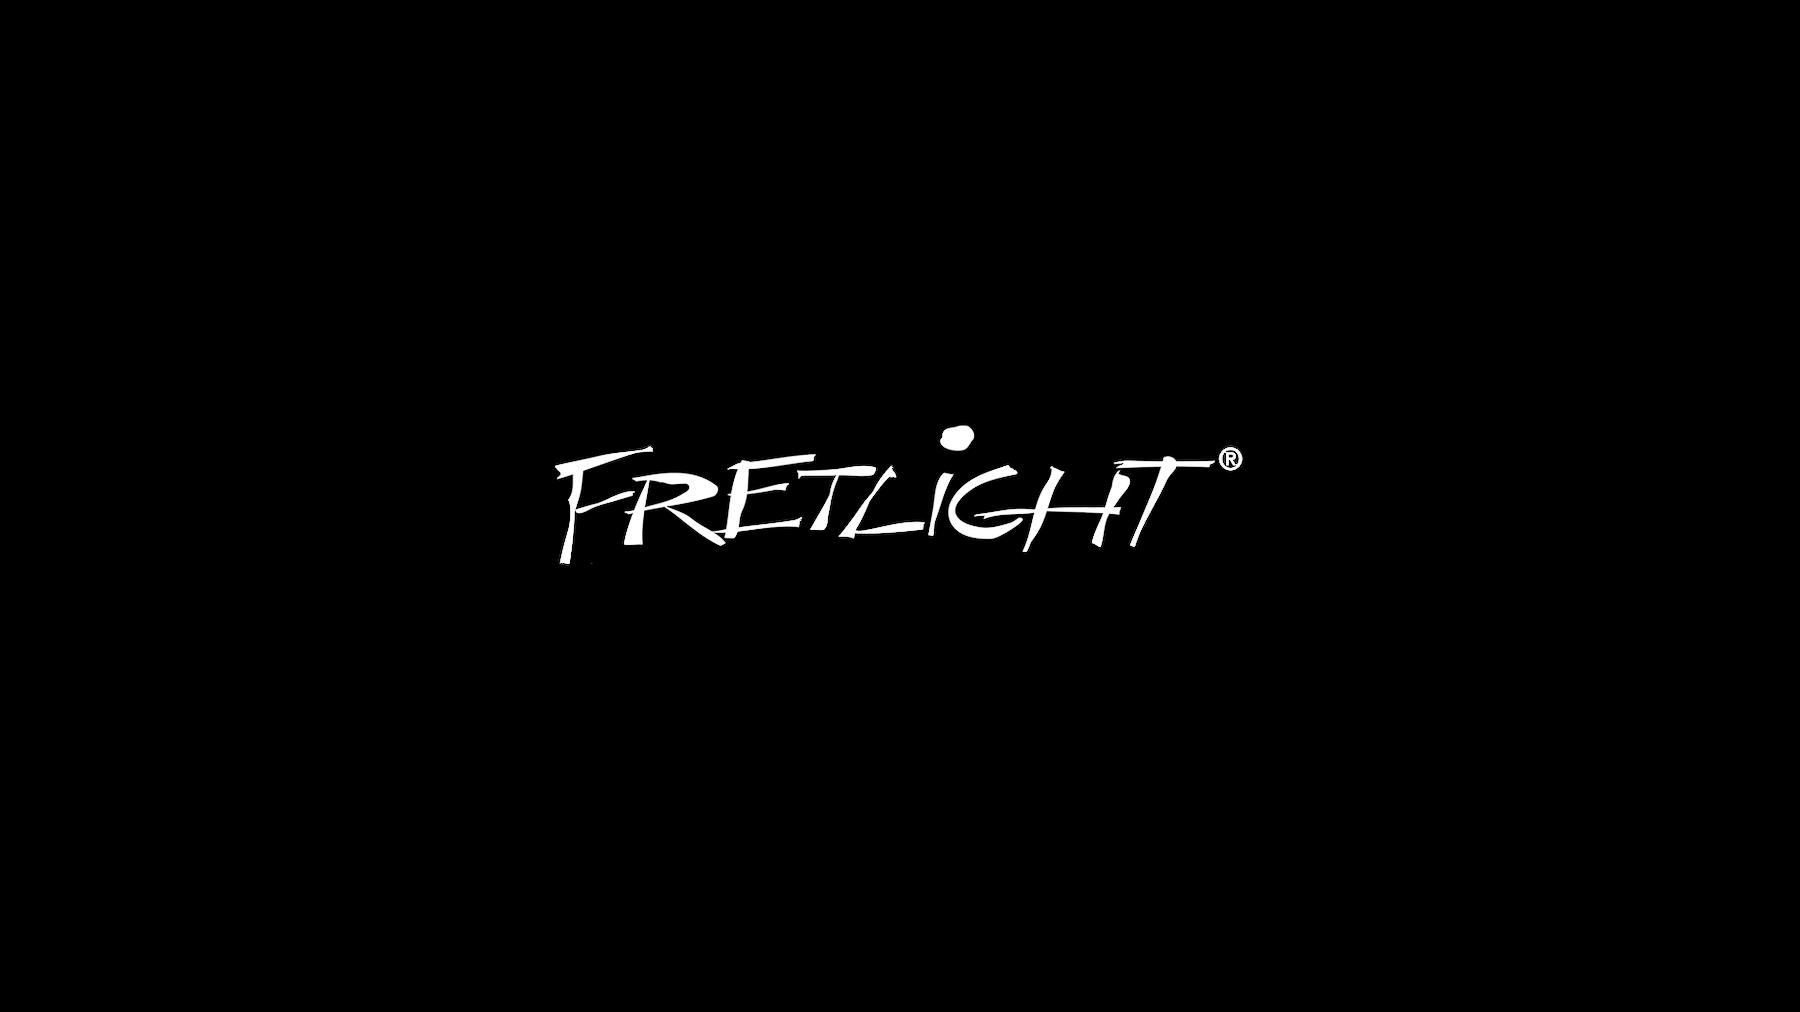 Fretlight logo center